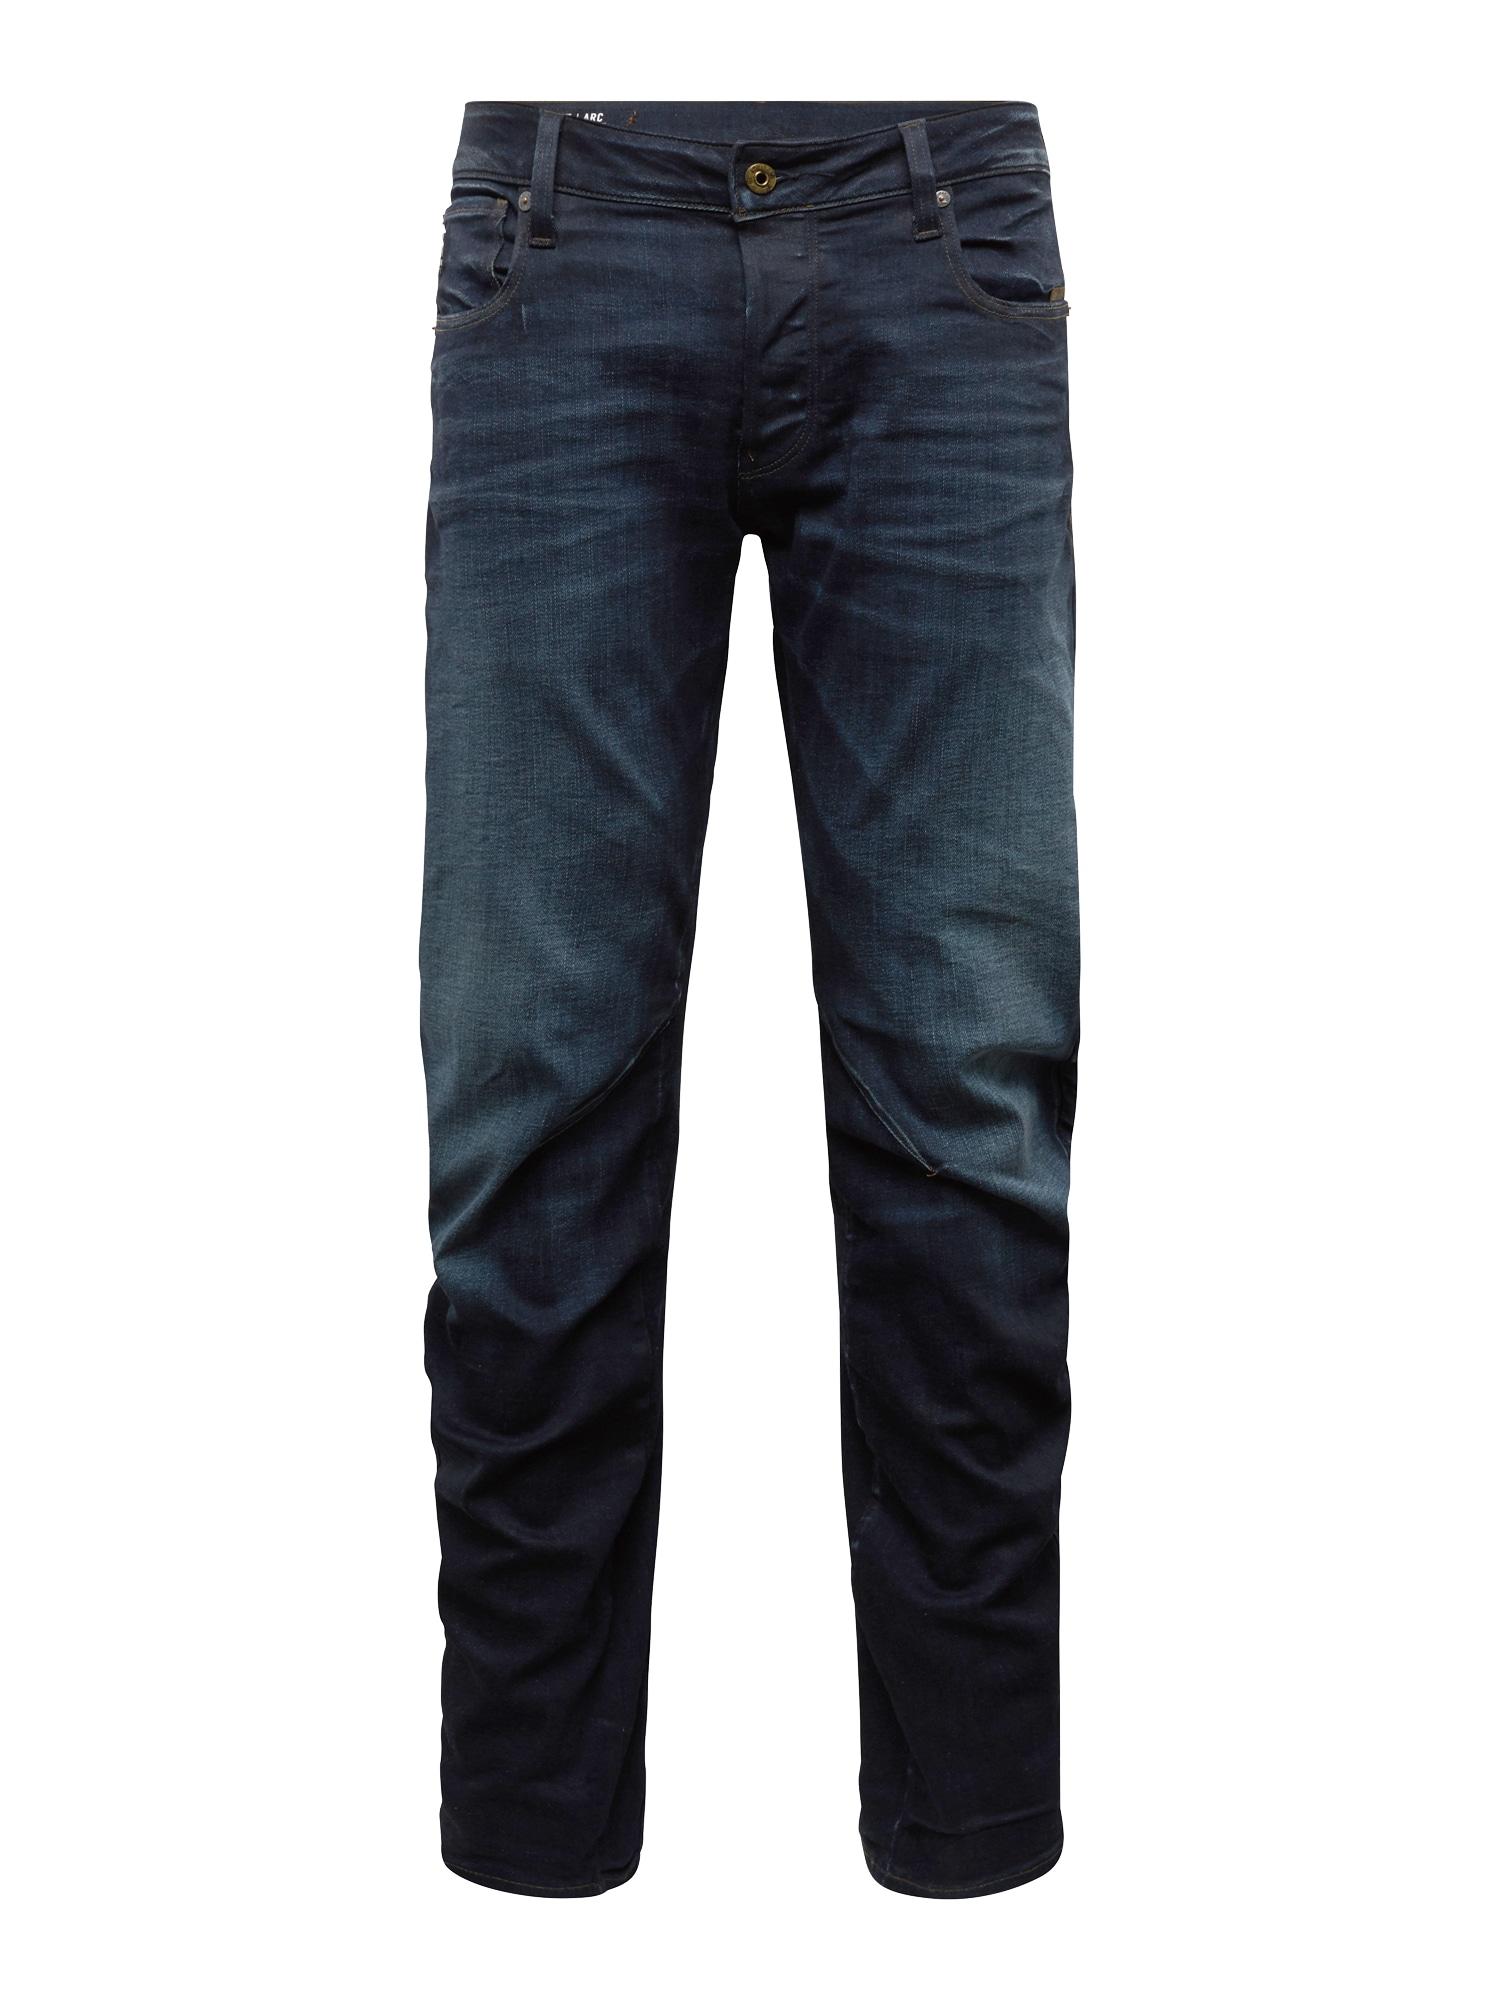 Džíny arc 3d slim tmavě modrá G-STAR RAW